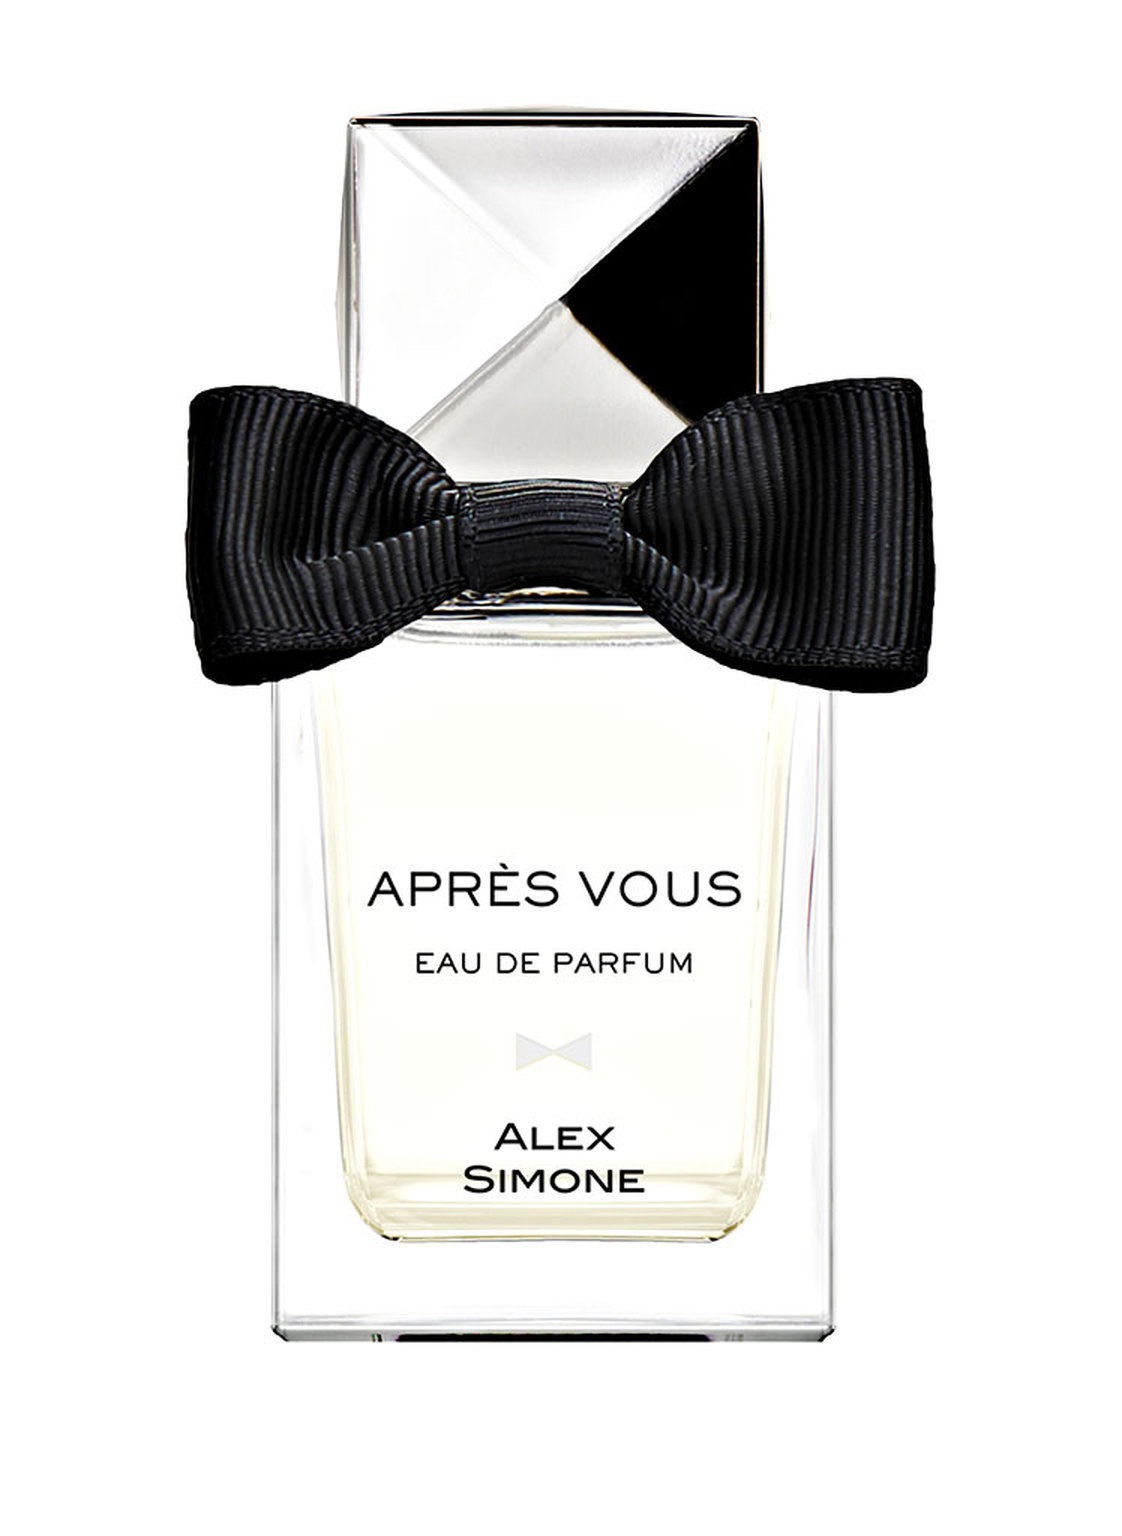 Image of Alex Simone Après Vous Eau de Parfum 30 ml